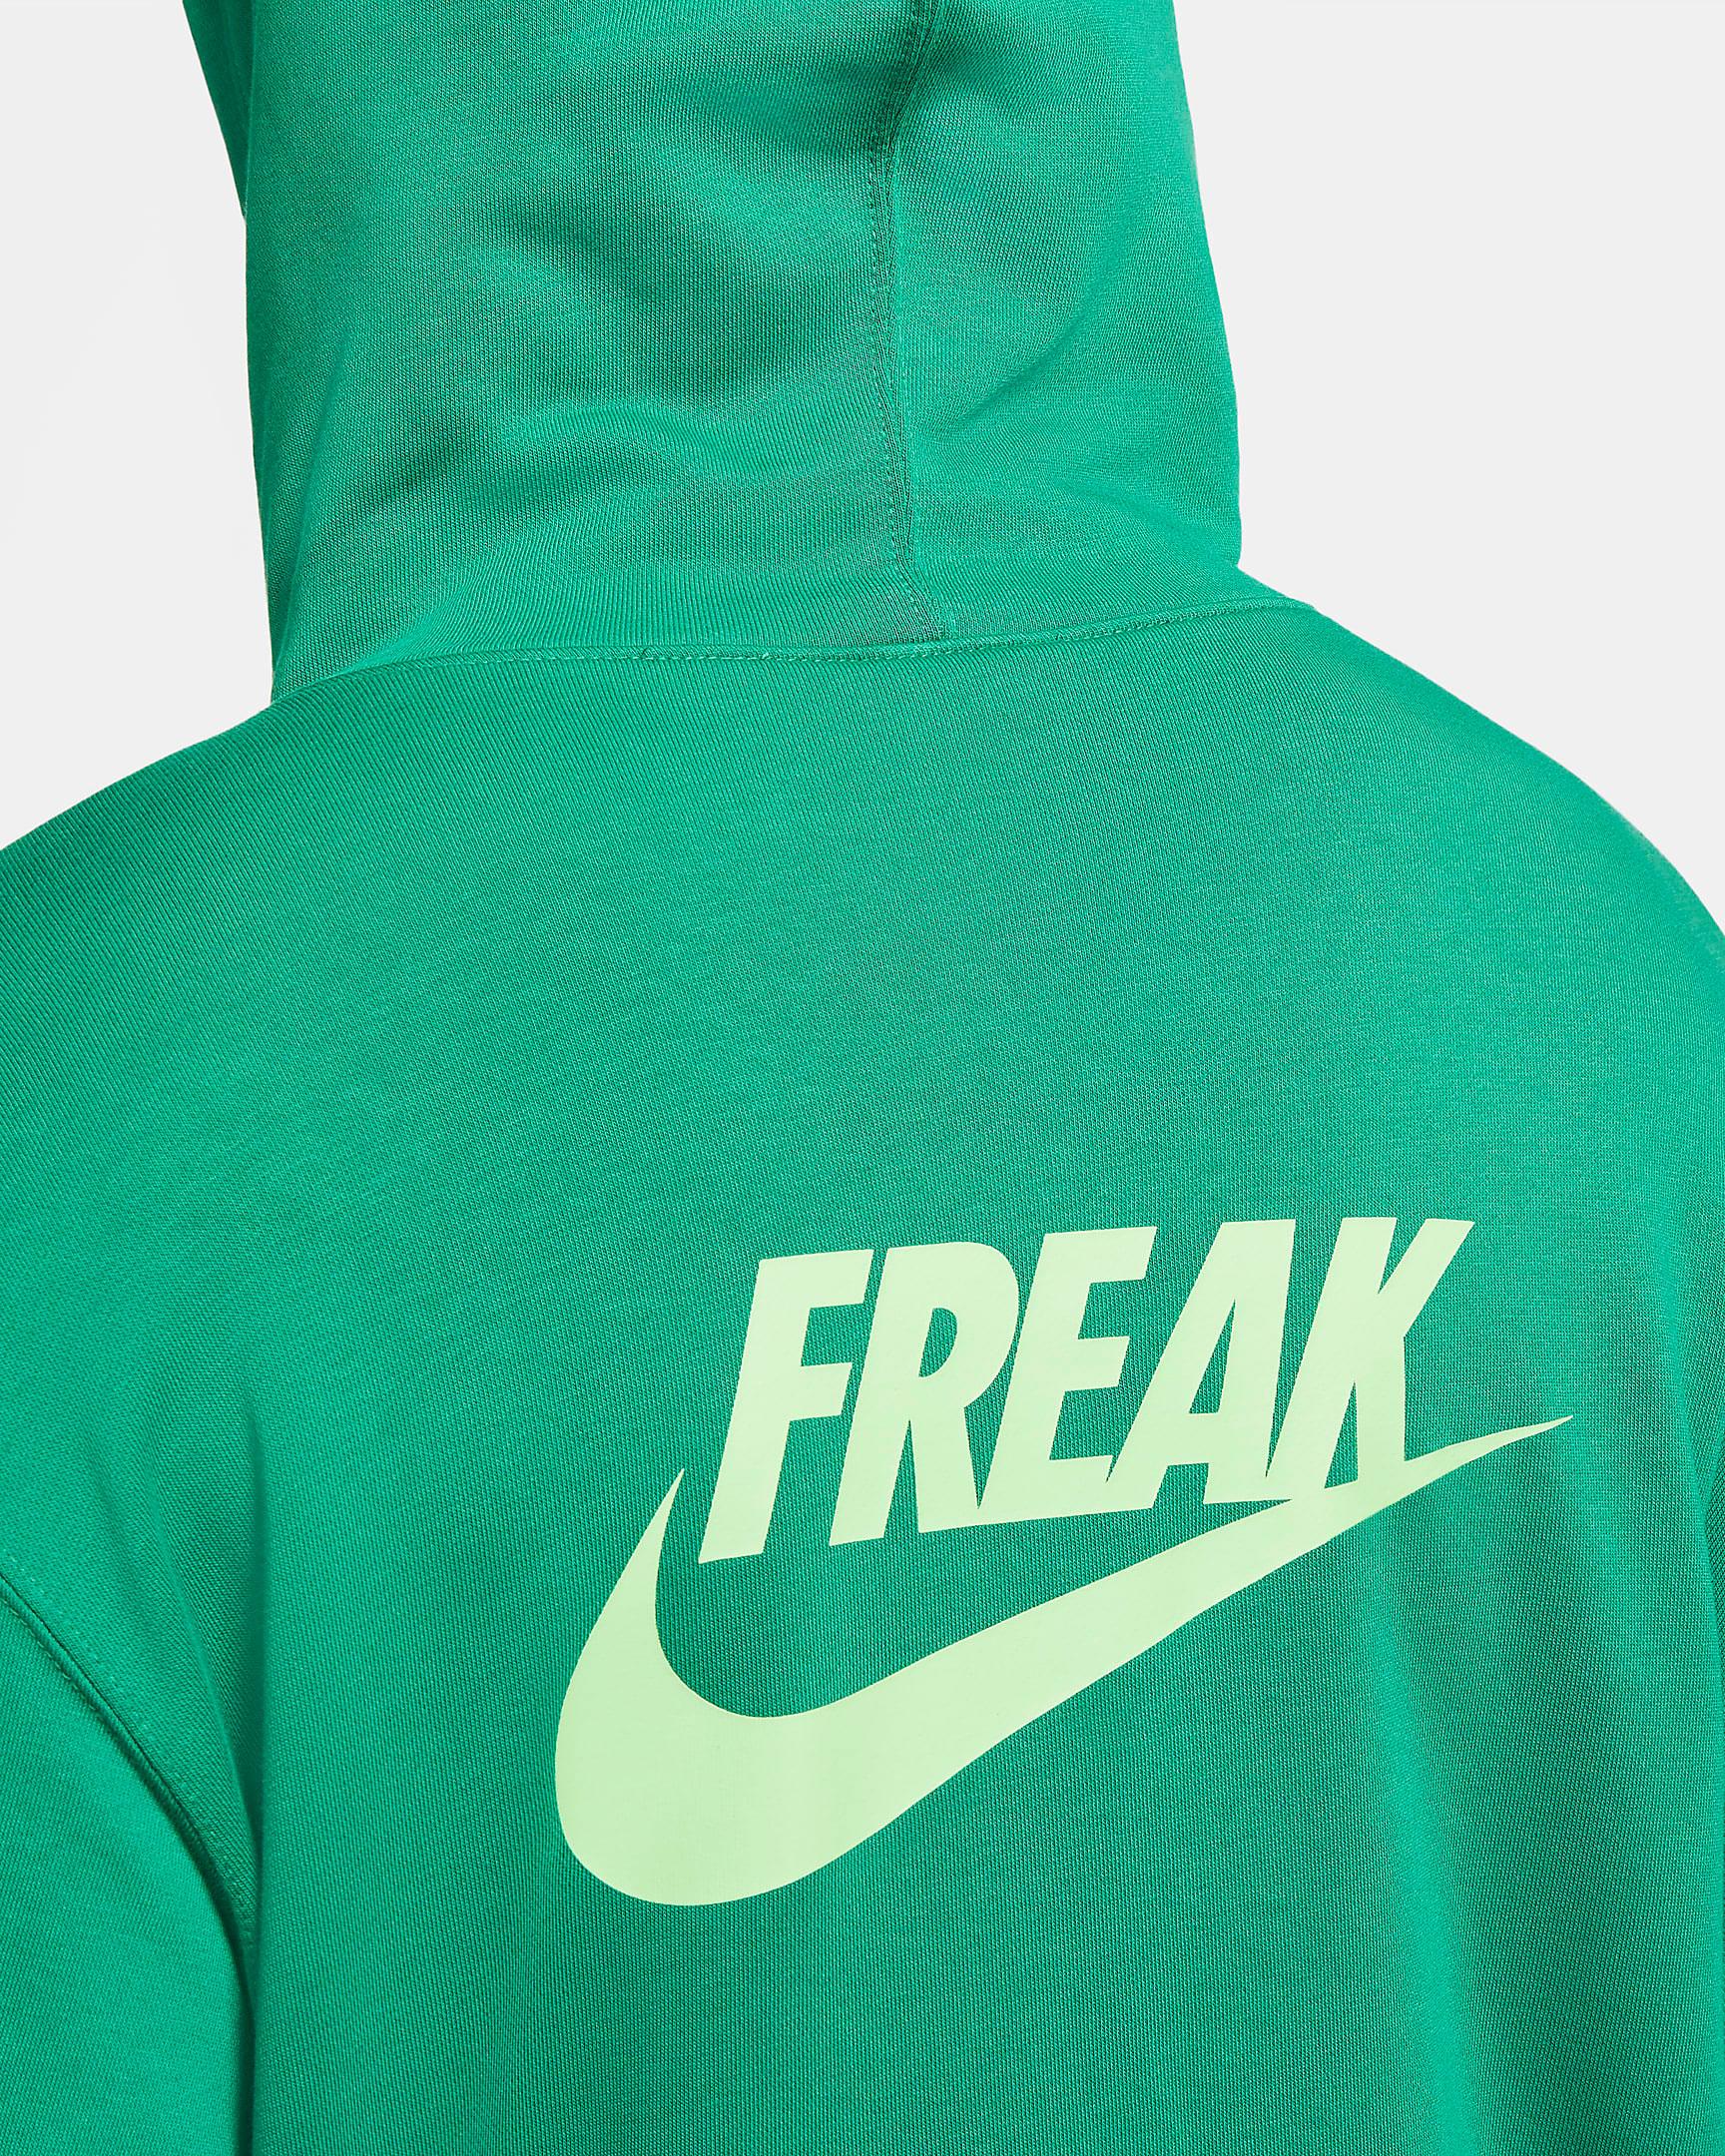 nike-zoom-freak-2-naija-green-hoodie-3